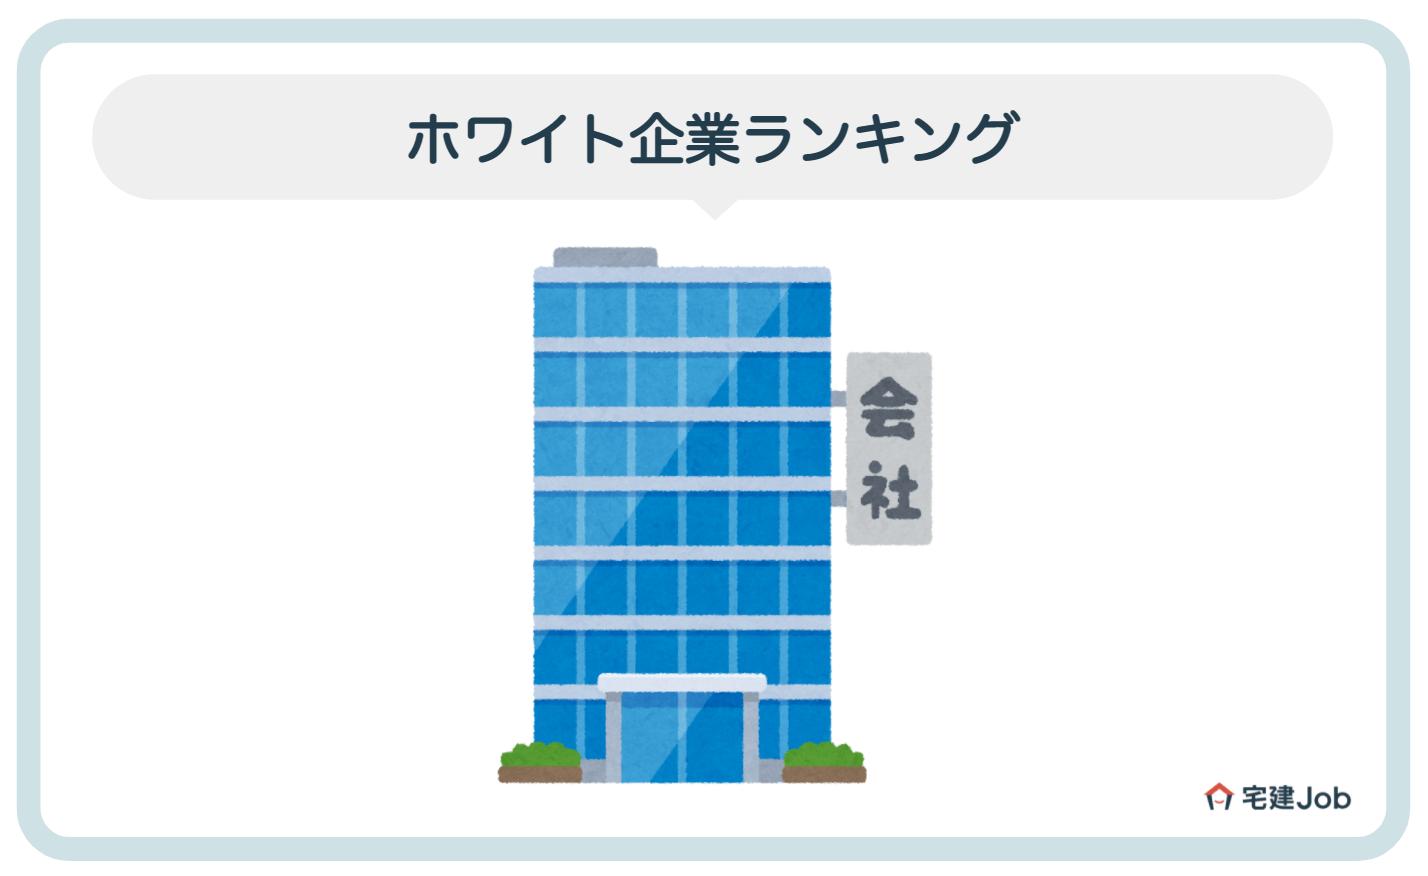 2.東京(関東)の不動産ホワイト企業1~10位